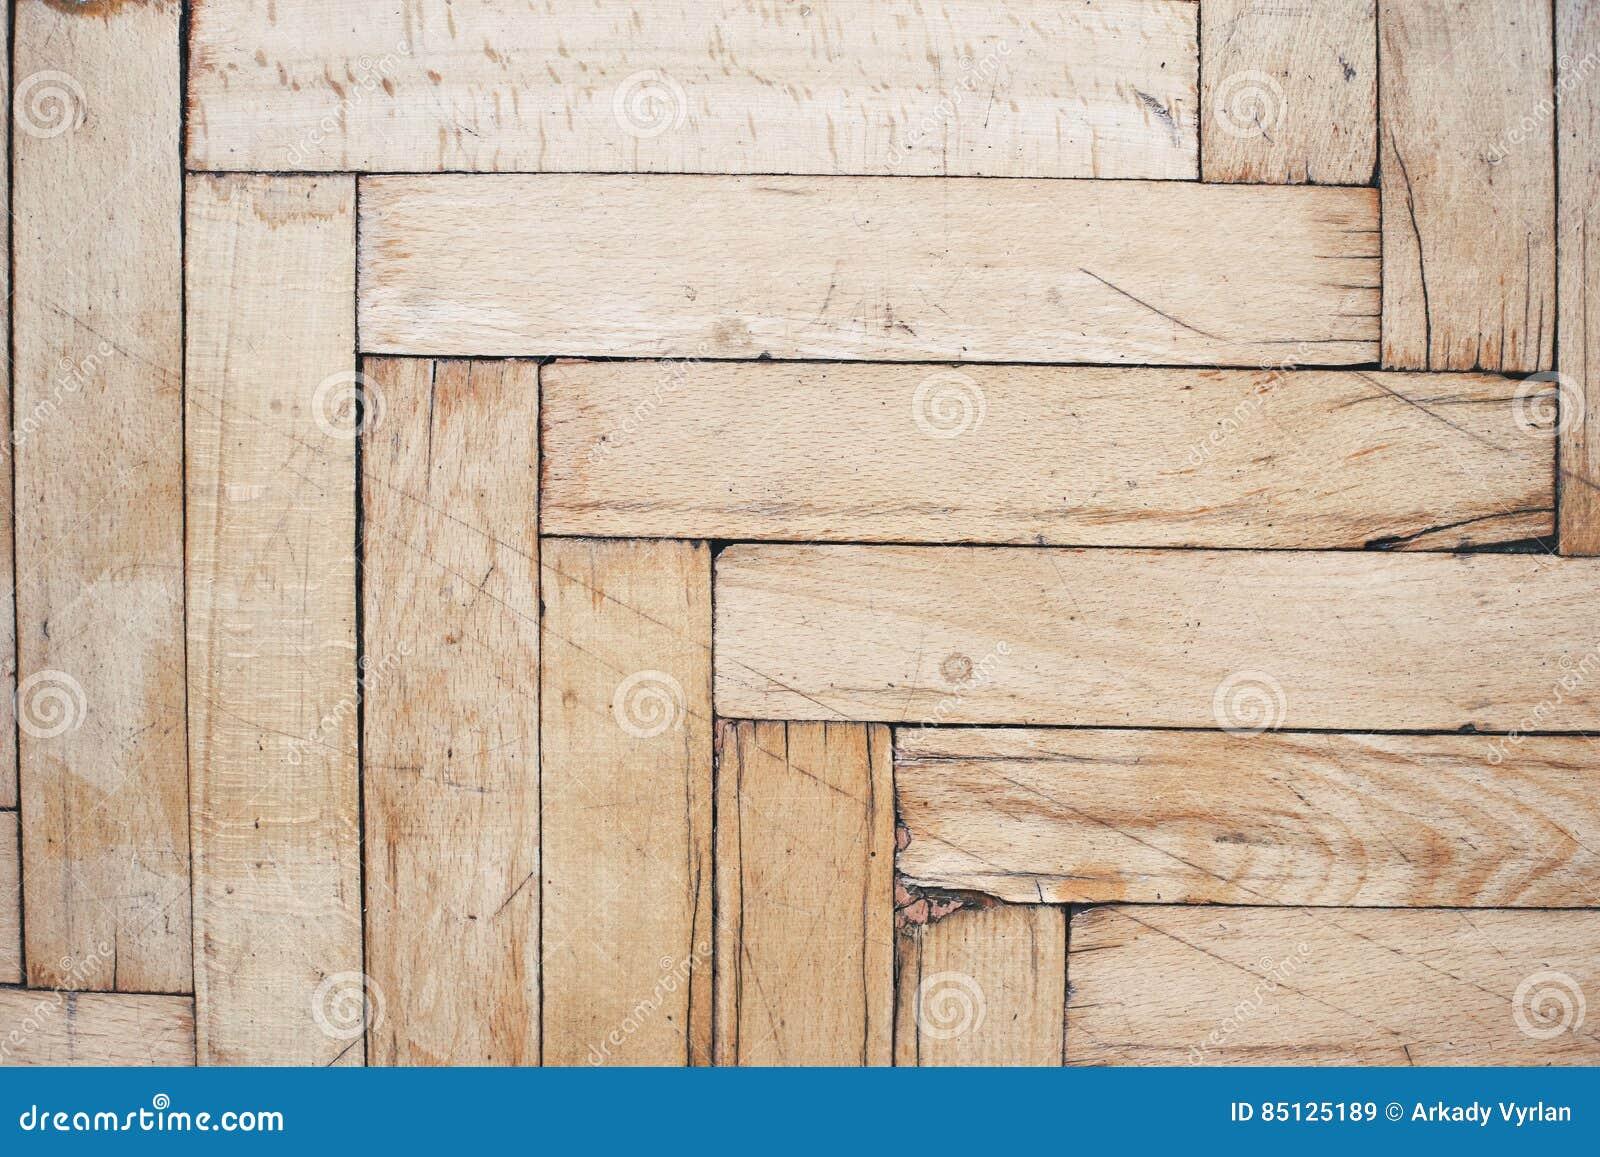 Gebruikte Houten Vloer : De plattelander verontrustte houten vloer stock afbeelding